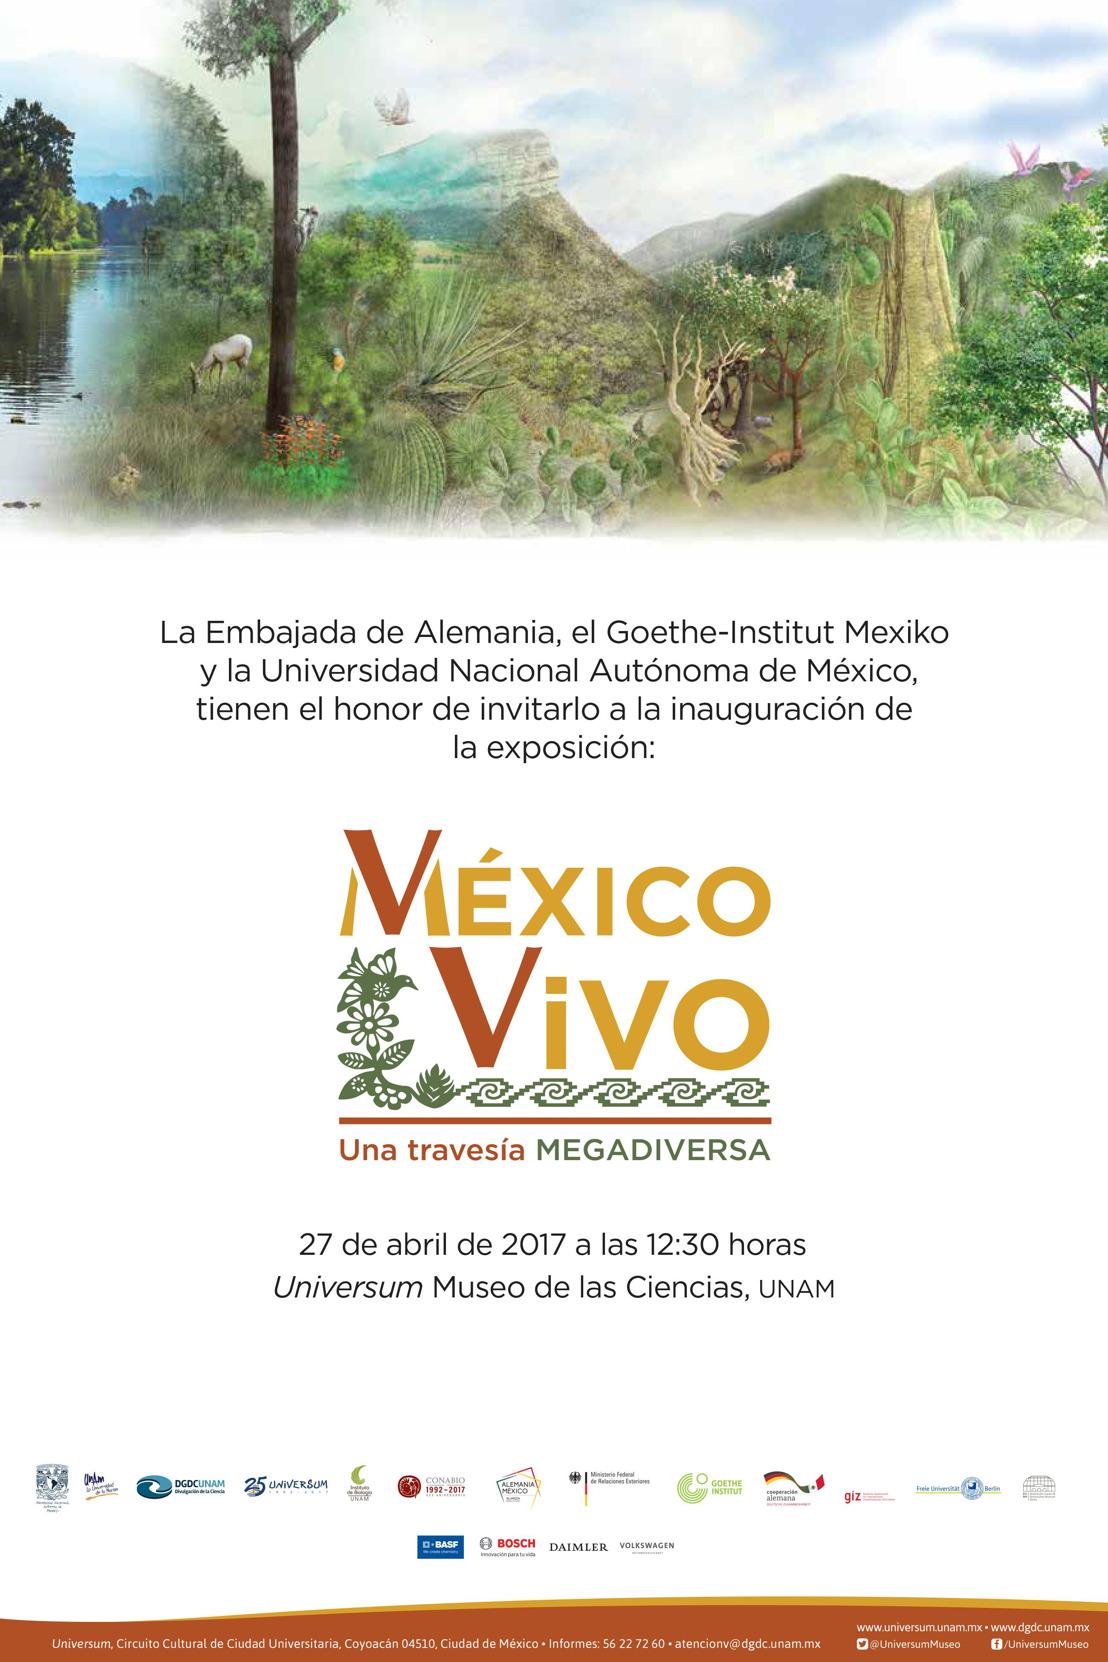 Invitación: México Vivo, una travesía megadiversa